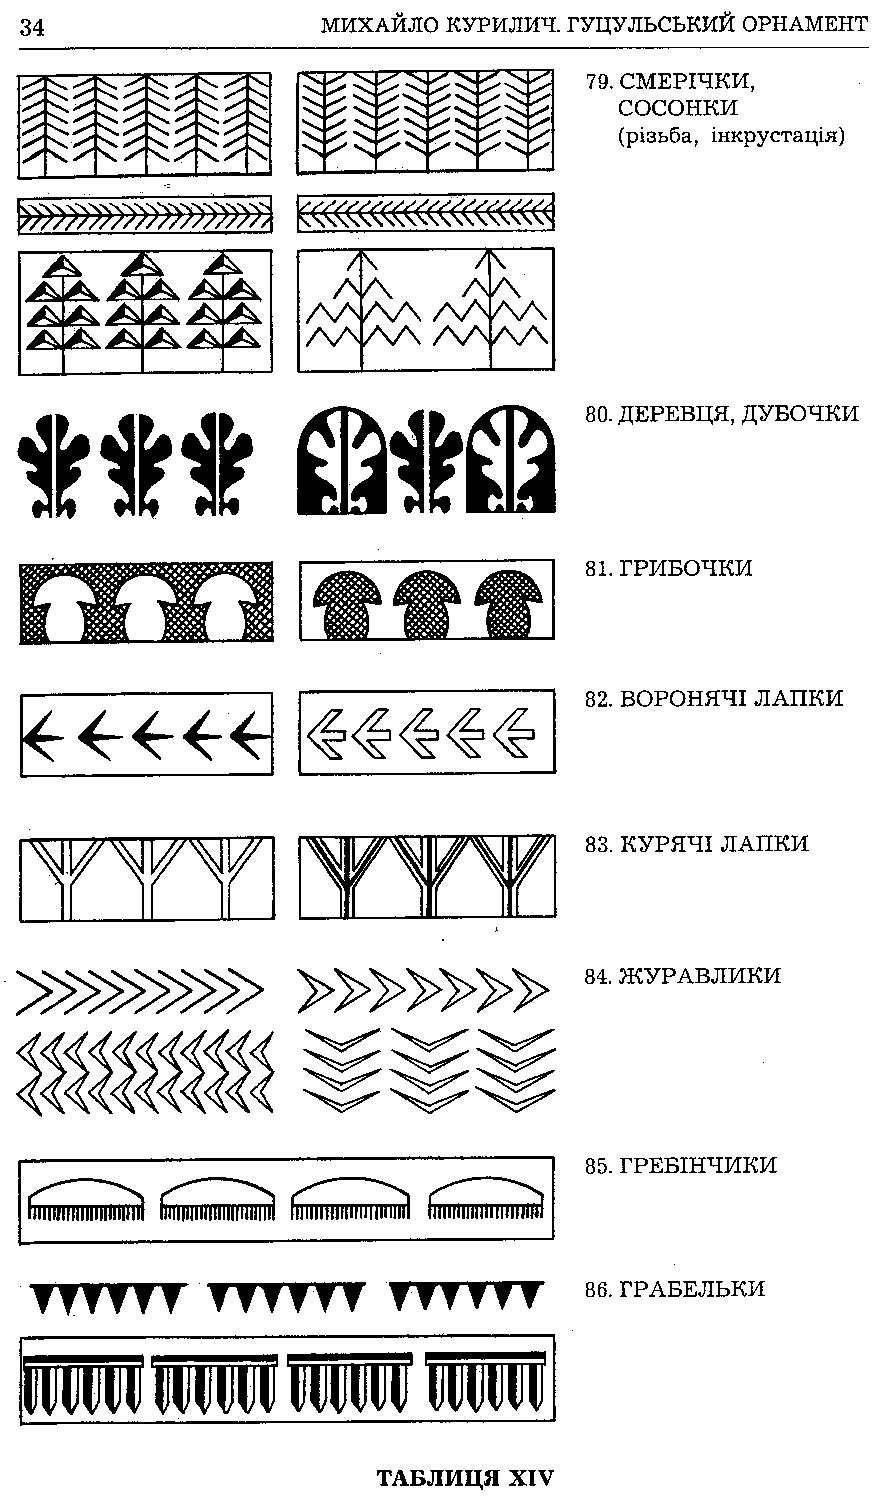 Tablitsya14